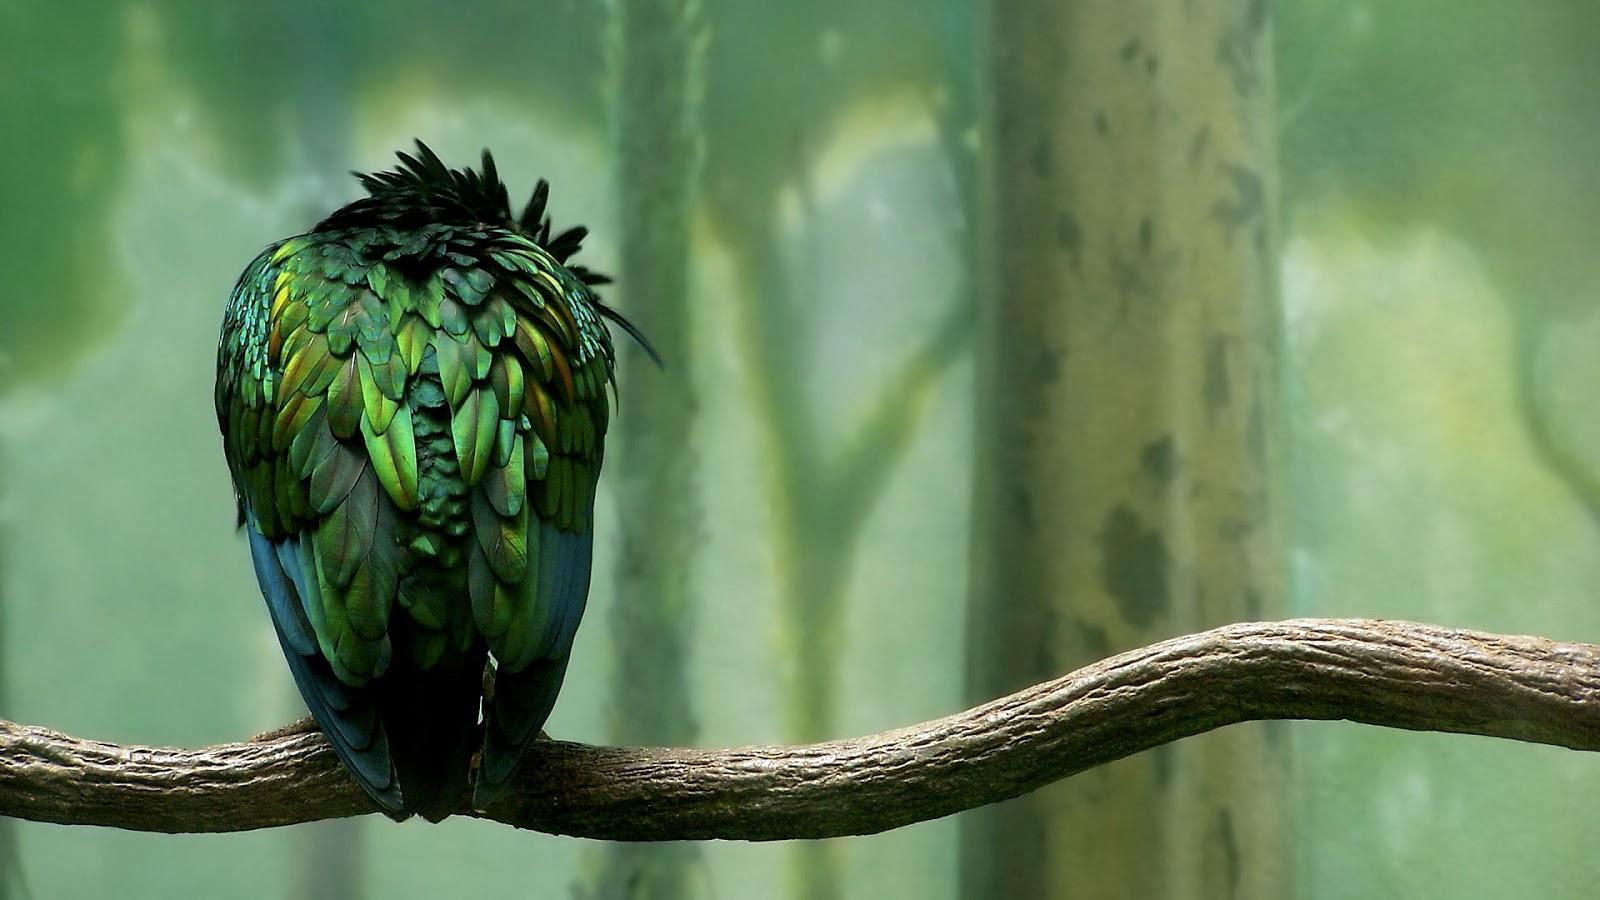 http://3.bp.blogspot.com/-909SejifXpU/UN_4v_UL0DI/AAAAAAAAKsI/unh7Lnn9pPY/s1600/green_colored_bird-HD.jpg